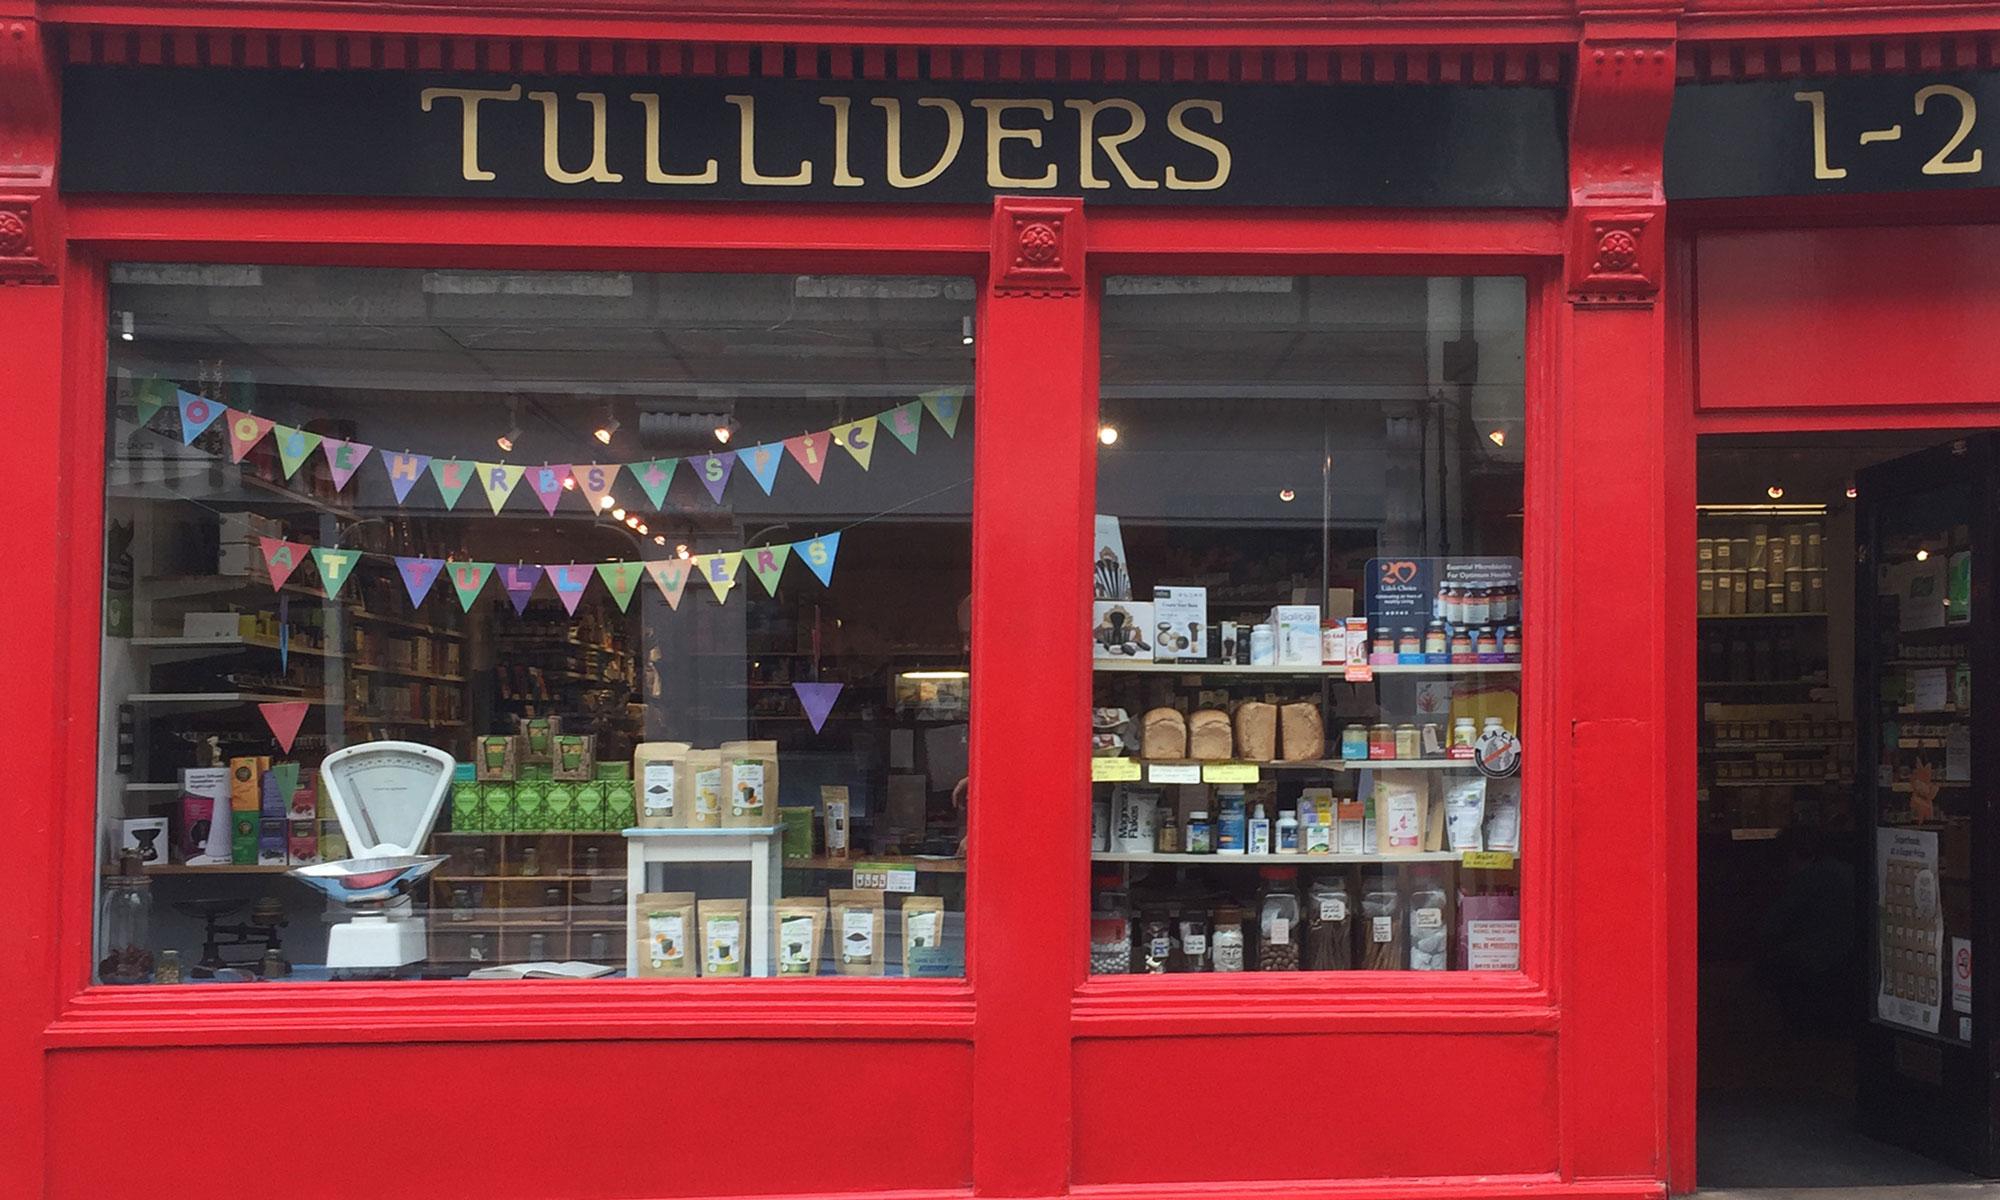 Tullivers